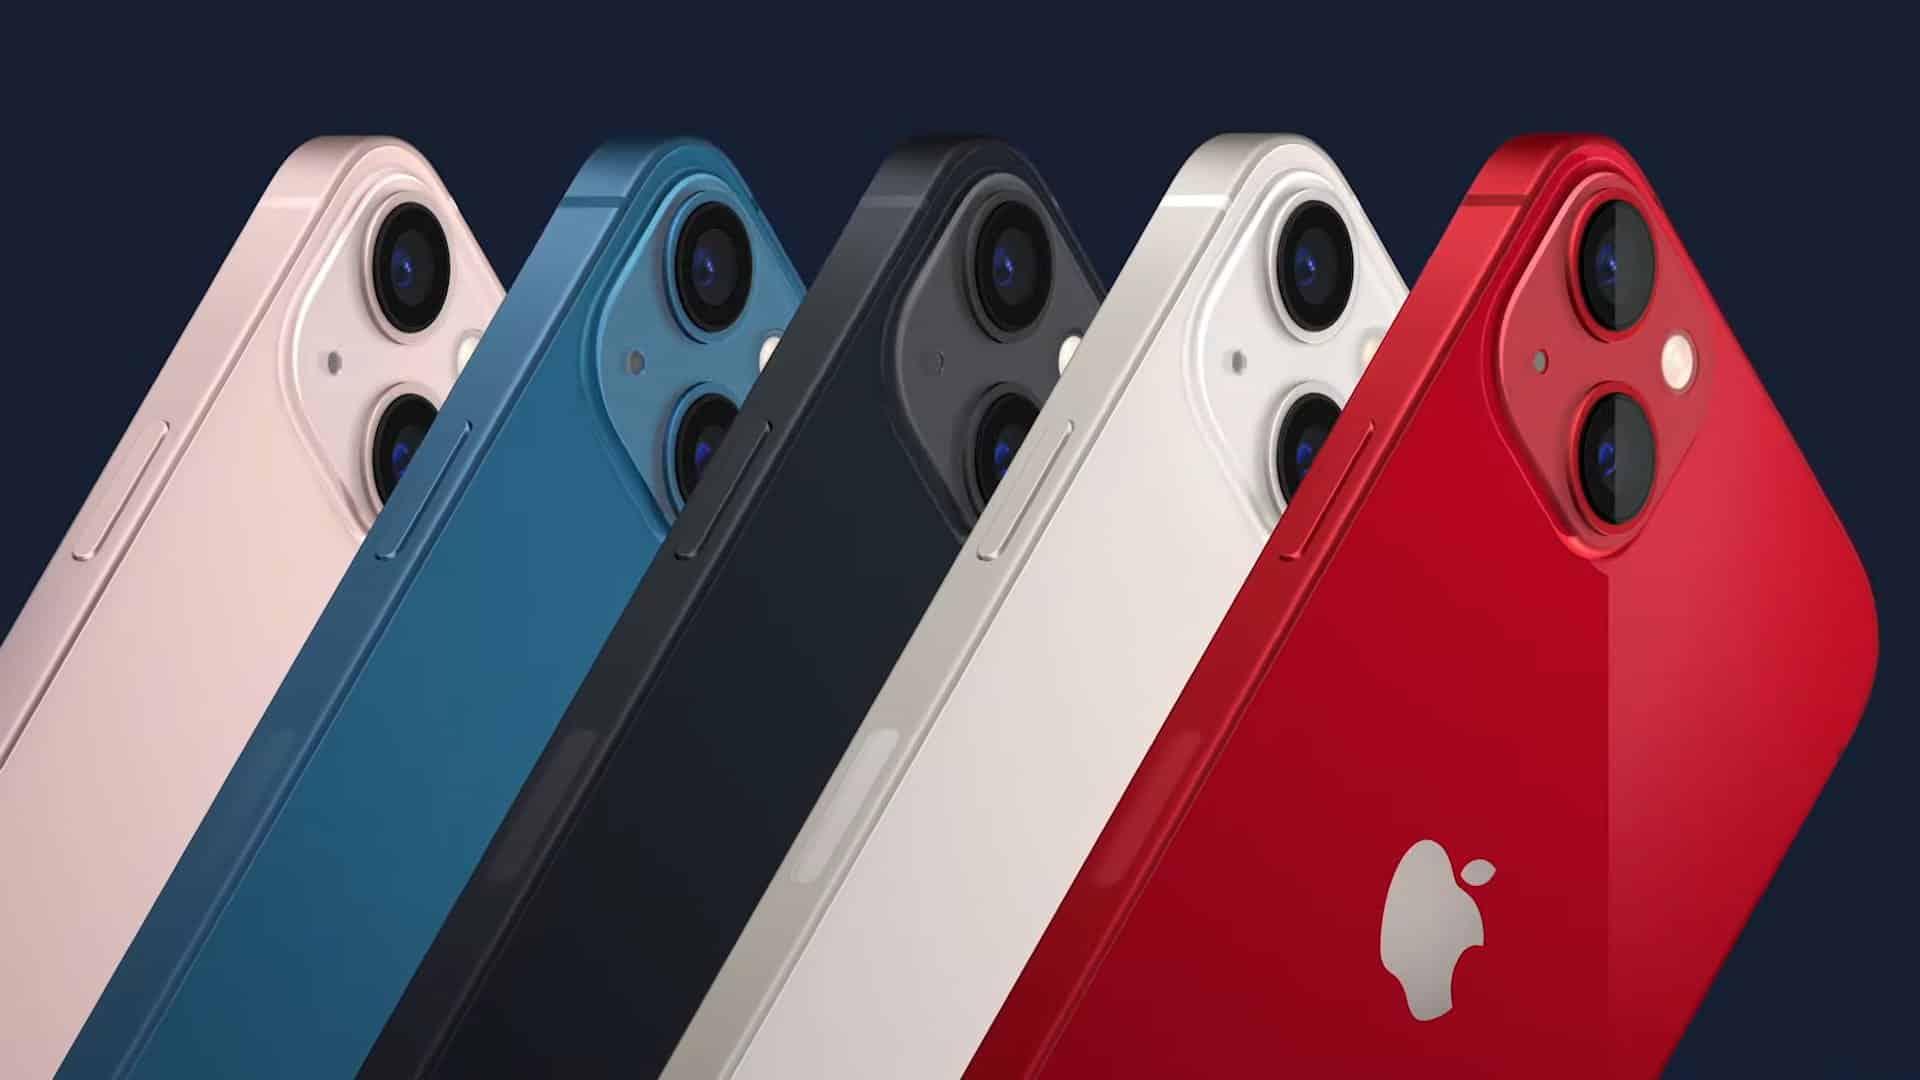 Quelle est la différence entre l'iPhone 13 et l'iPhone 12 ?